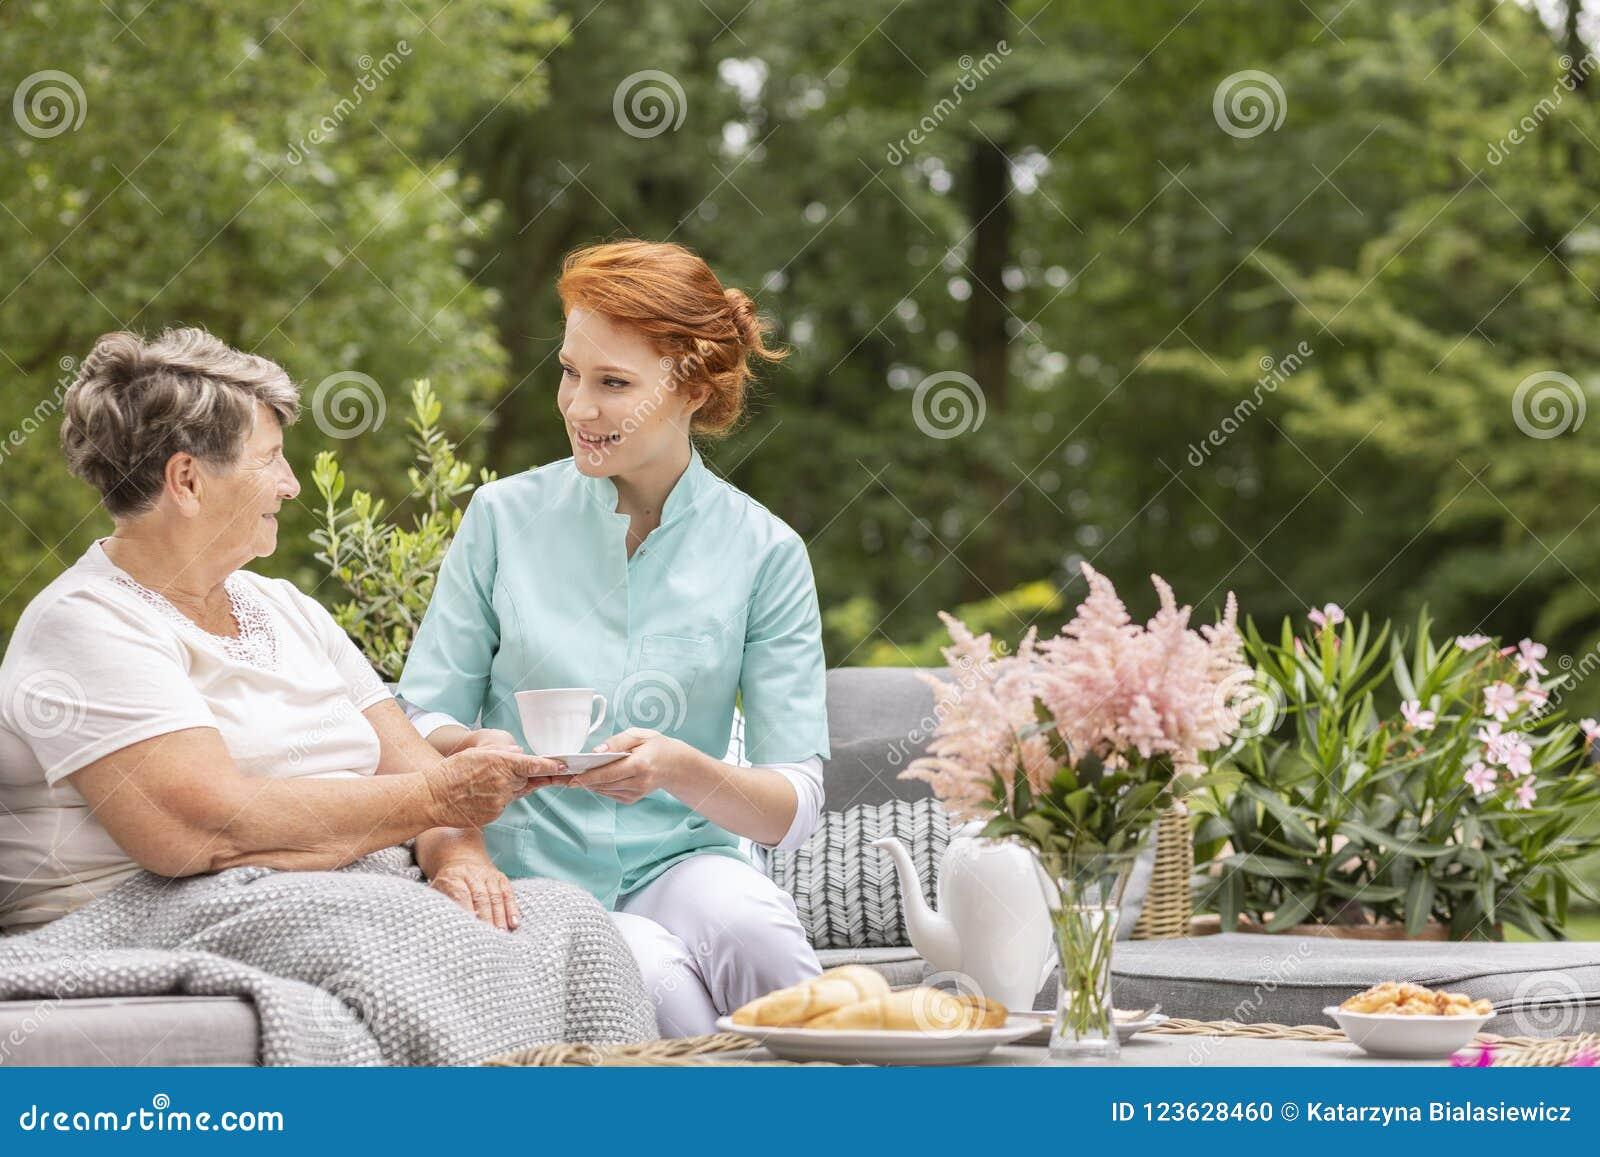 Szczęśliwa pielęgniarka daje herbaty starsza kobieta podczas gdy jedzący śniadanie o